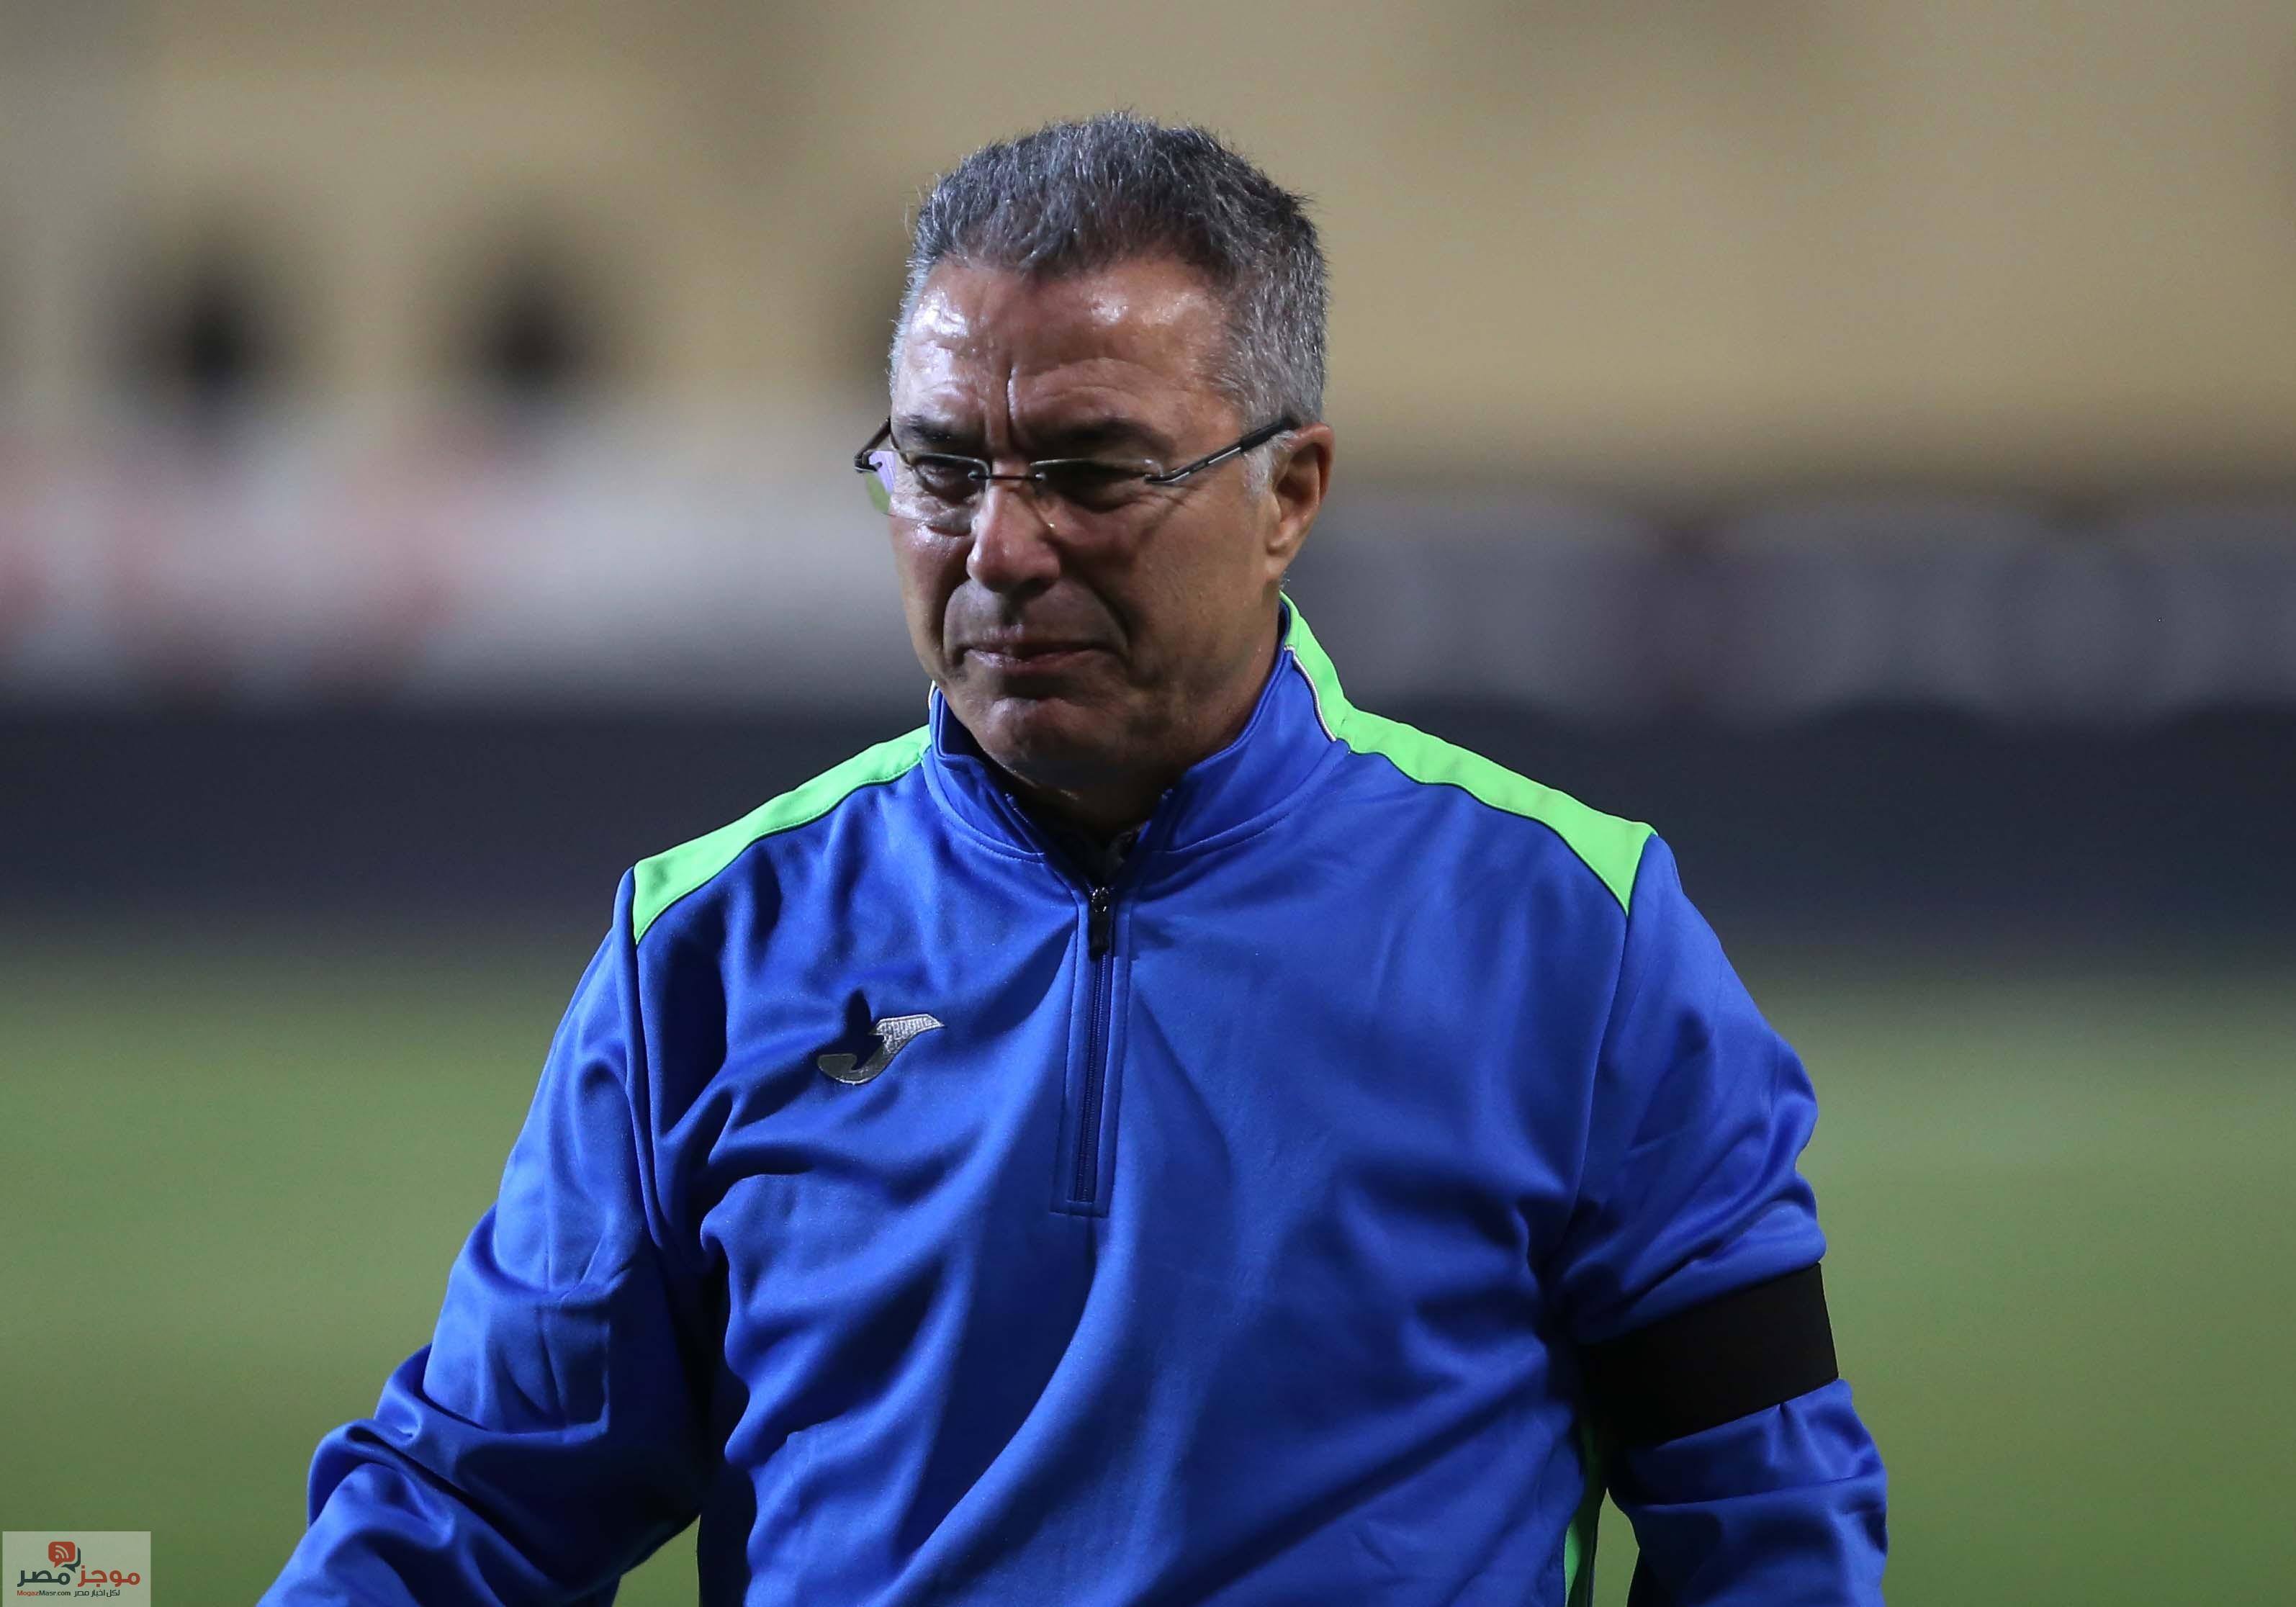 تشكيل مباراة الزمالك اليوم امام فريق المقاولون العرب